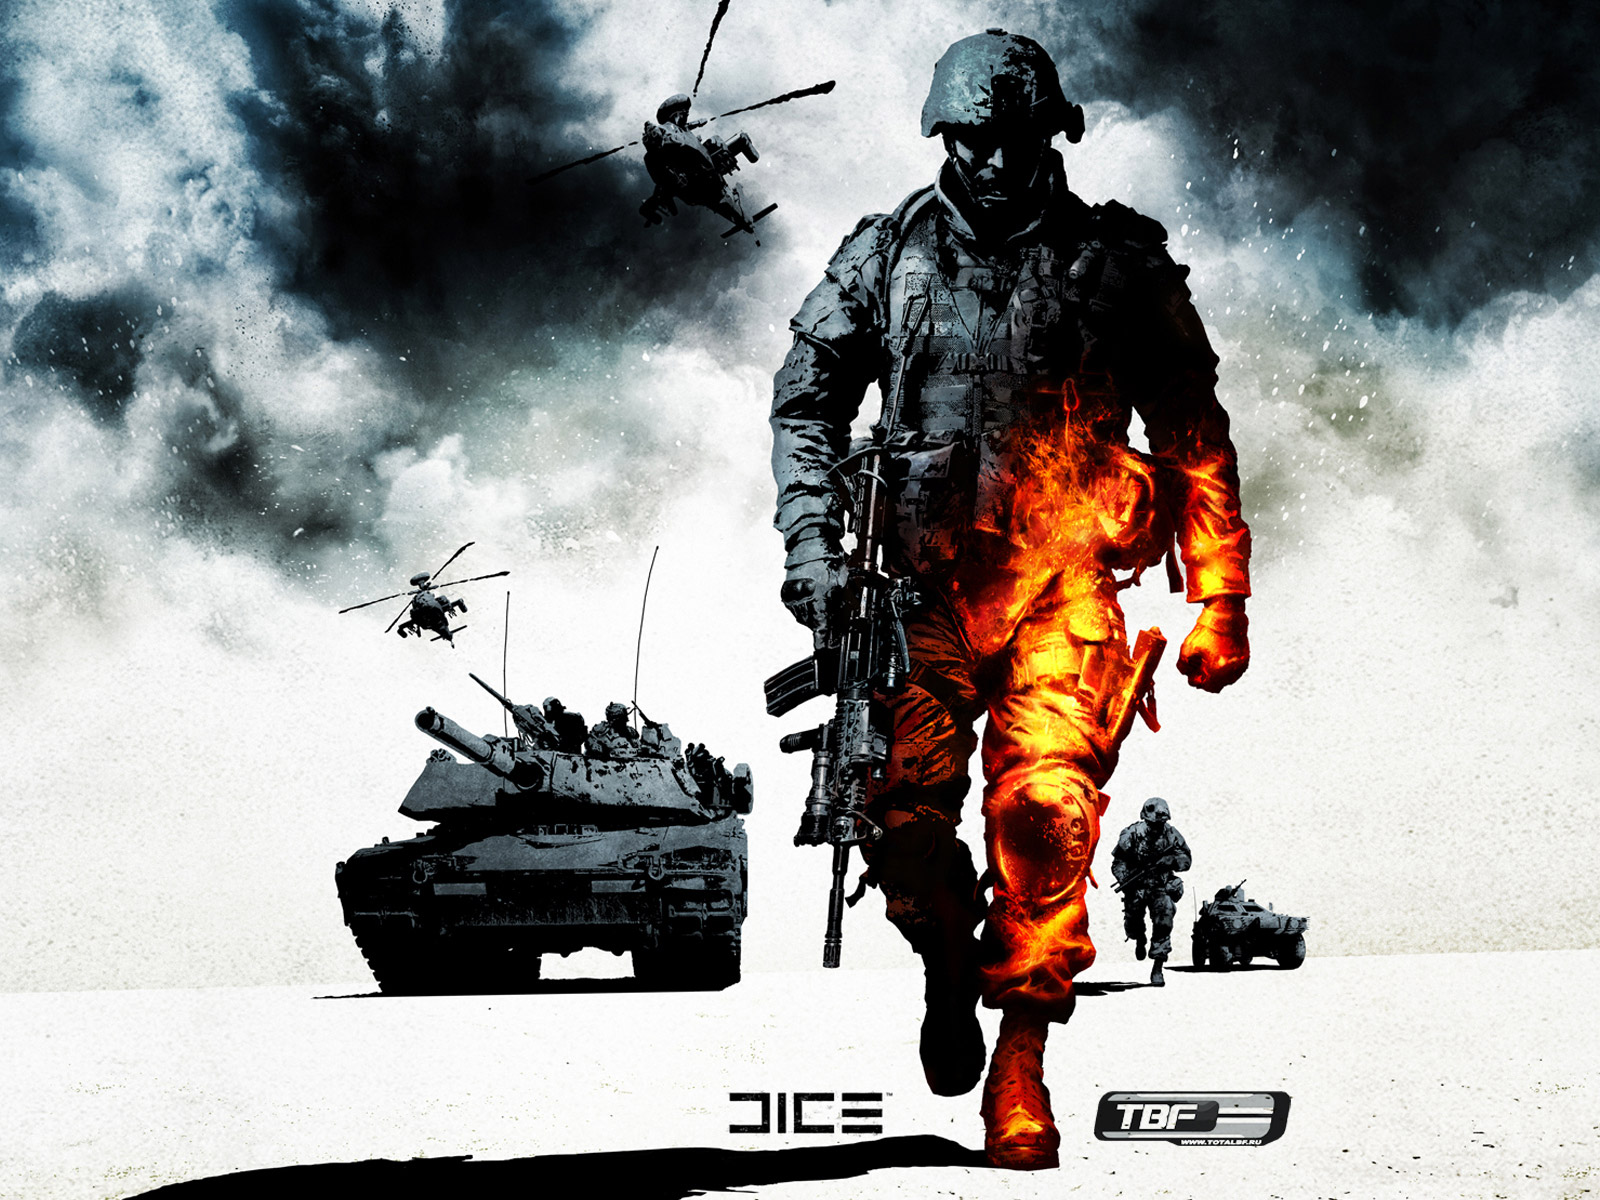 http://1.bp.blogspot.com/-rWhAIF-M8u0/T4l8WXpZ9GI/AAAAAAAAAnI/6B_Lv4uRdwM/s1600/battlefield_bad_company_2-normal.jpg